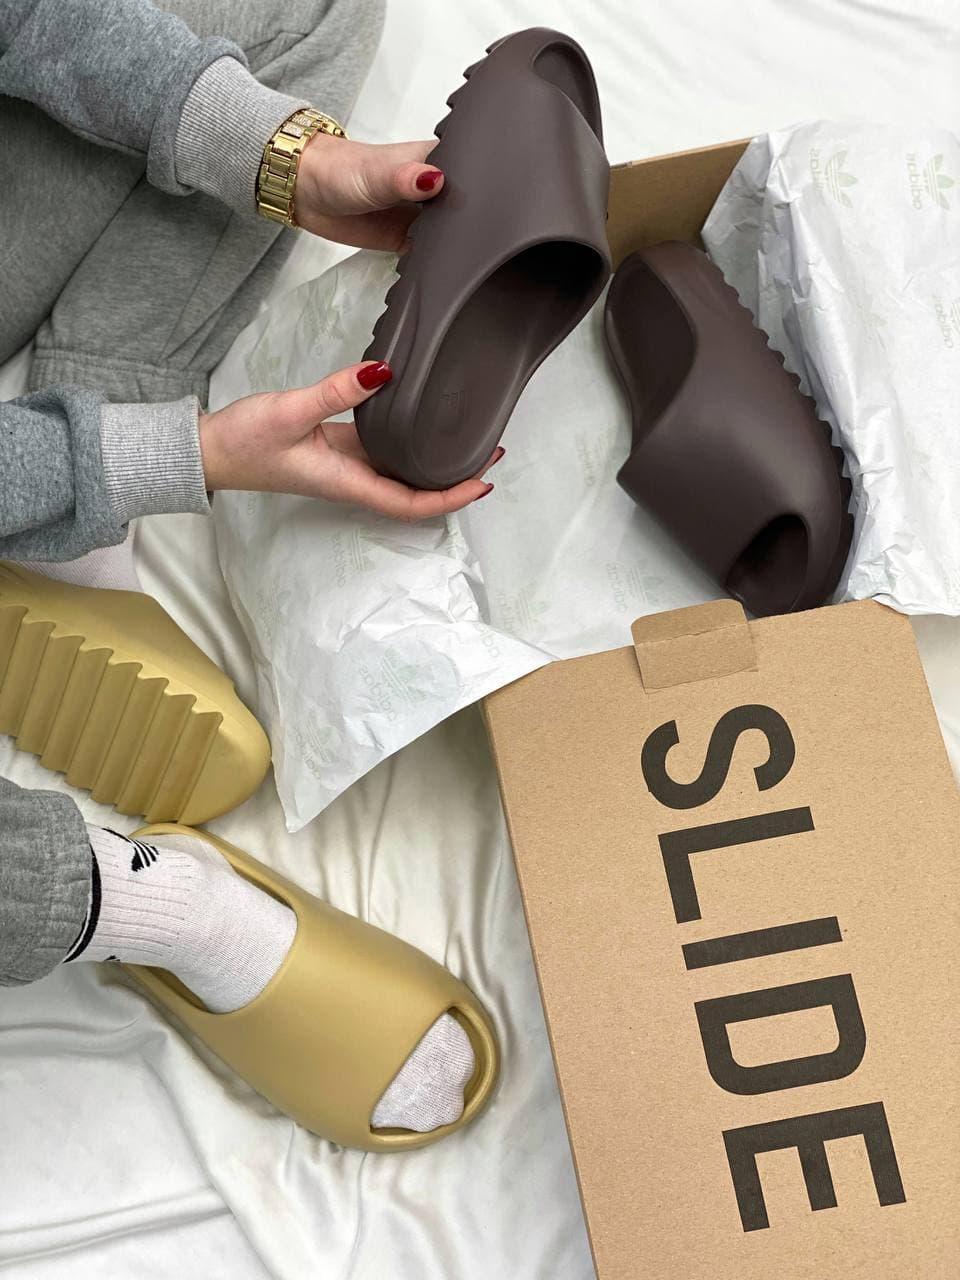 Женские шлепки Adidas Yeezy Slide Soot (черные) YE024 резиновые тапочки на лето